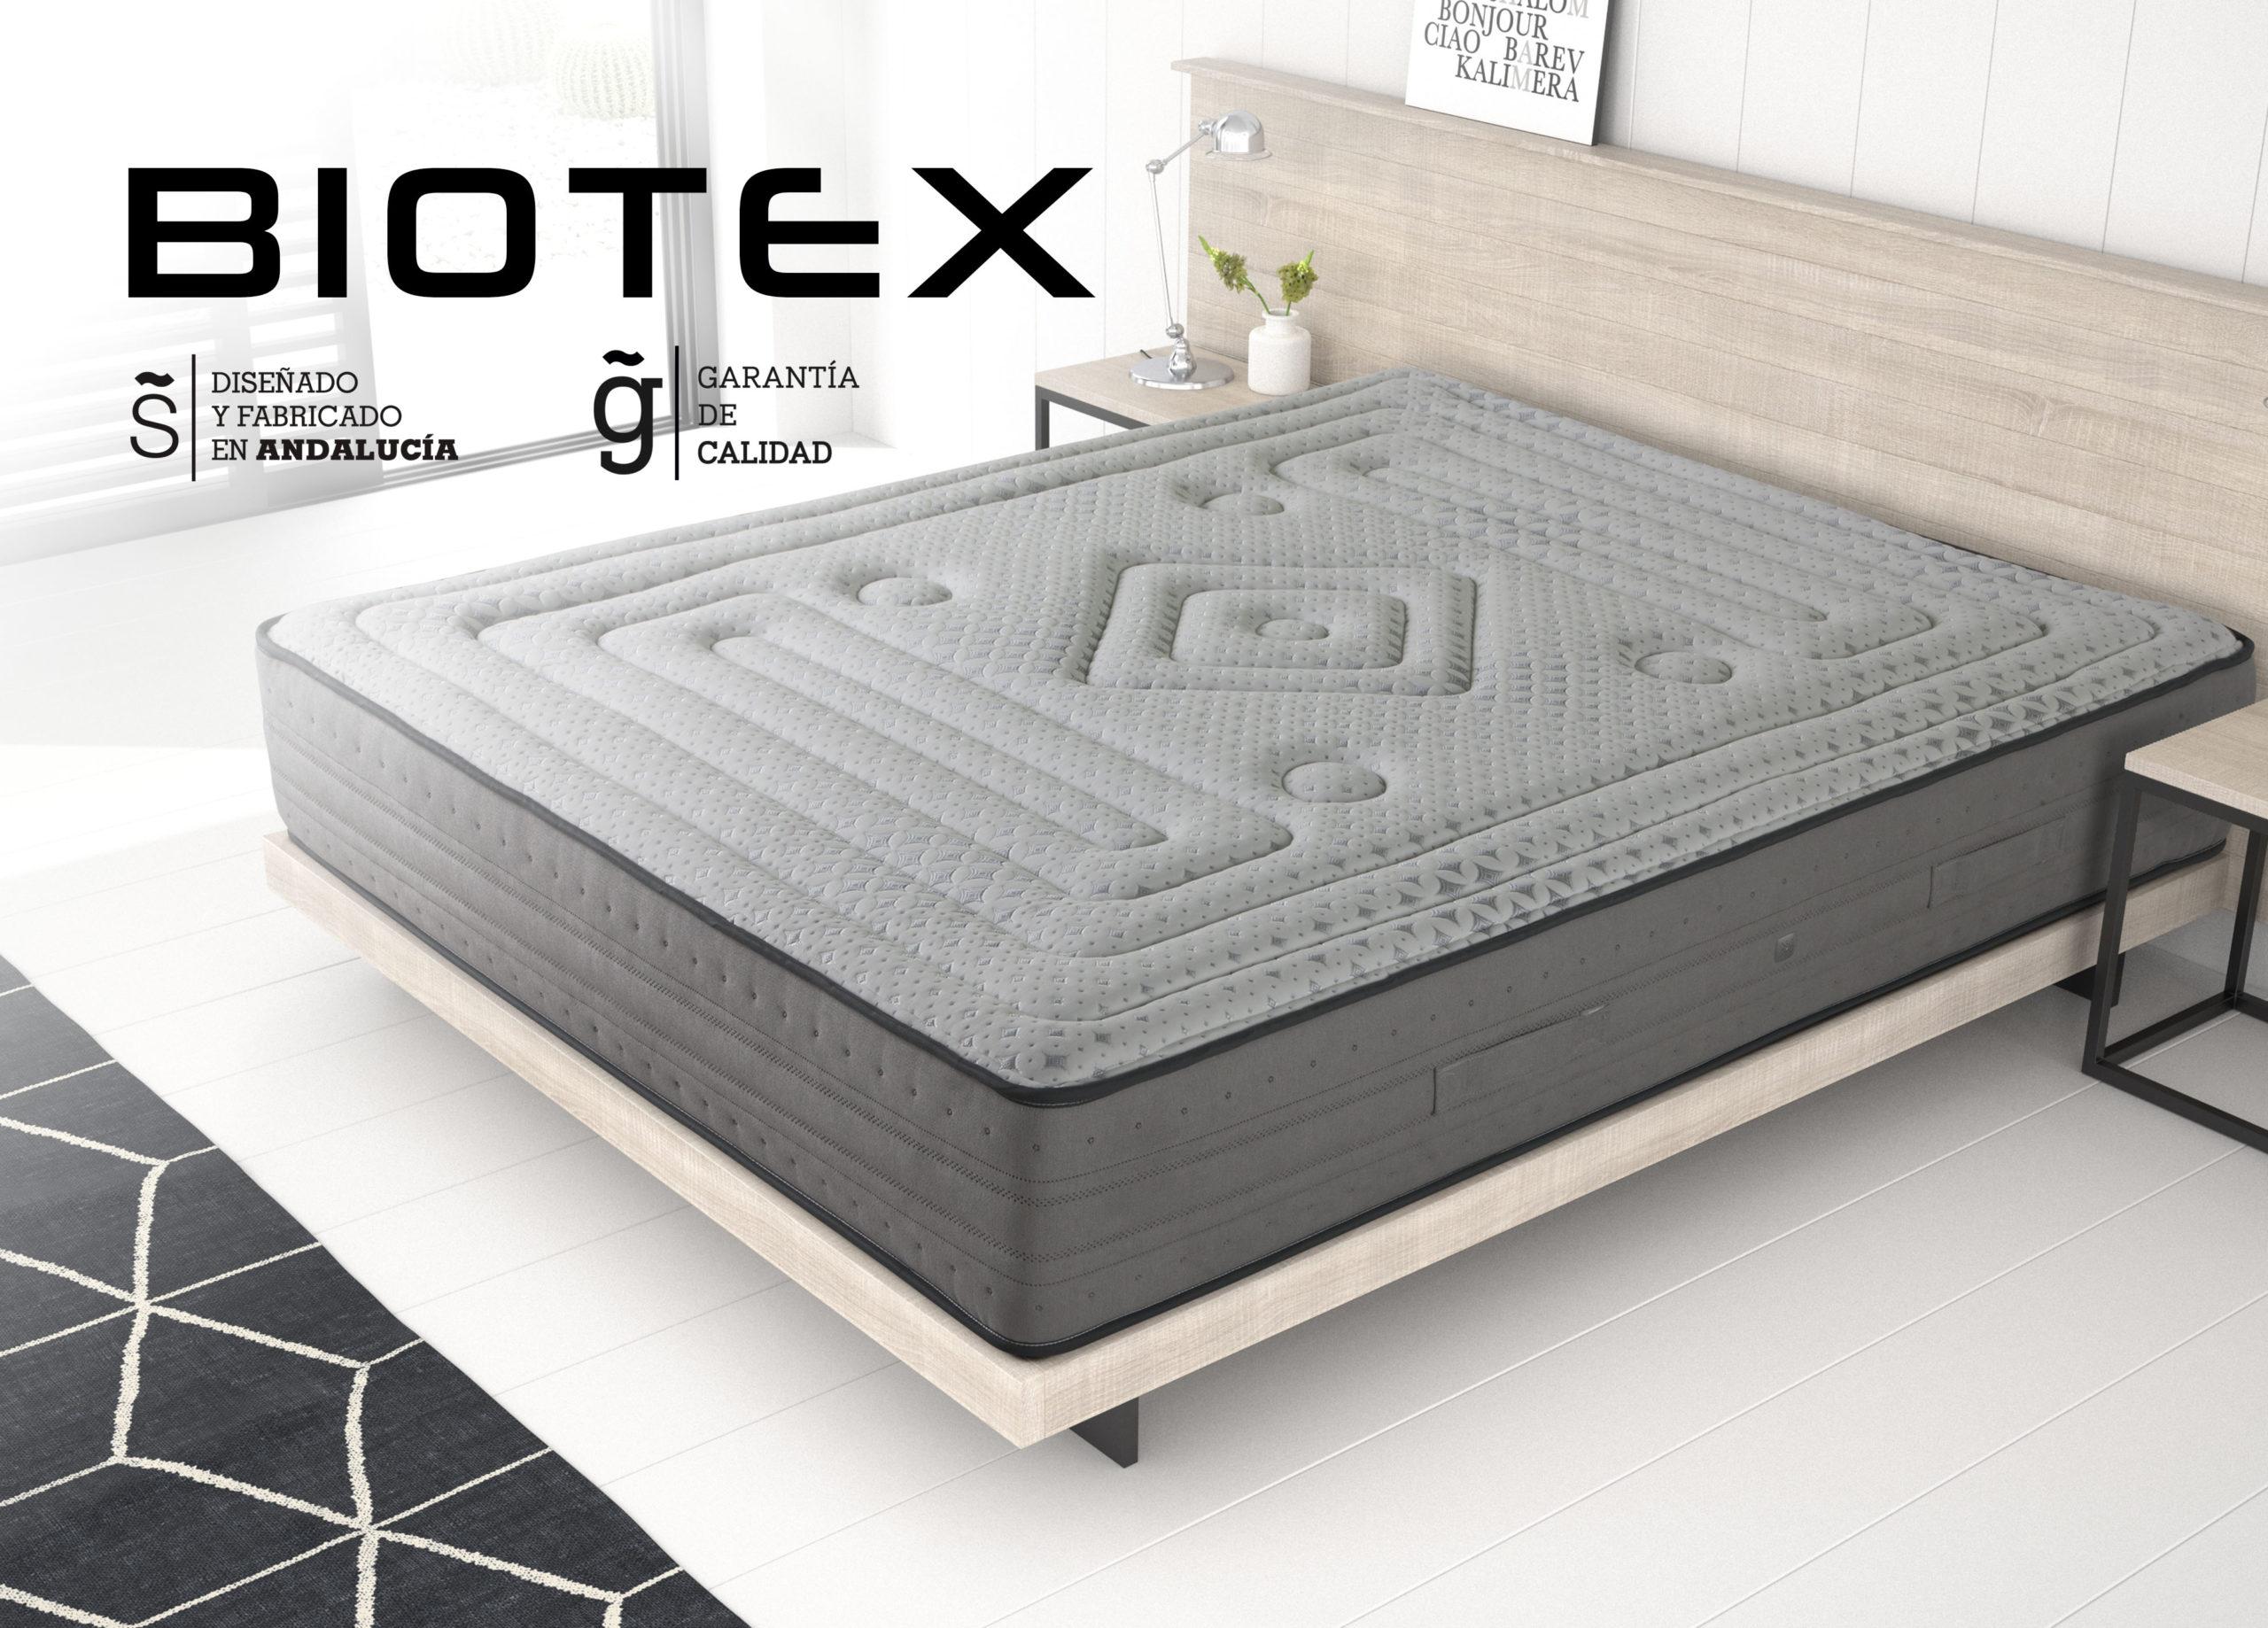 Suitex_Biotex1